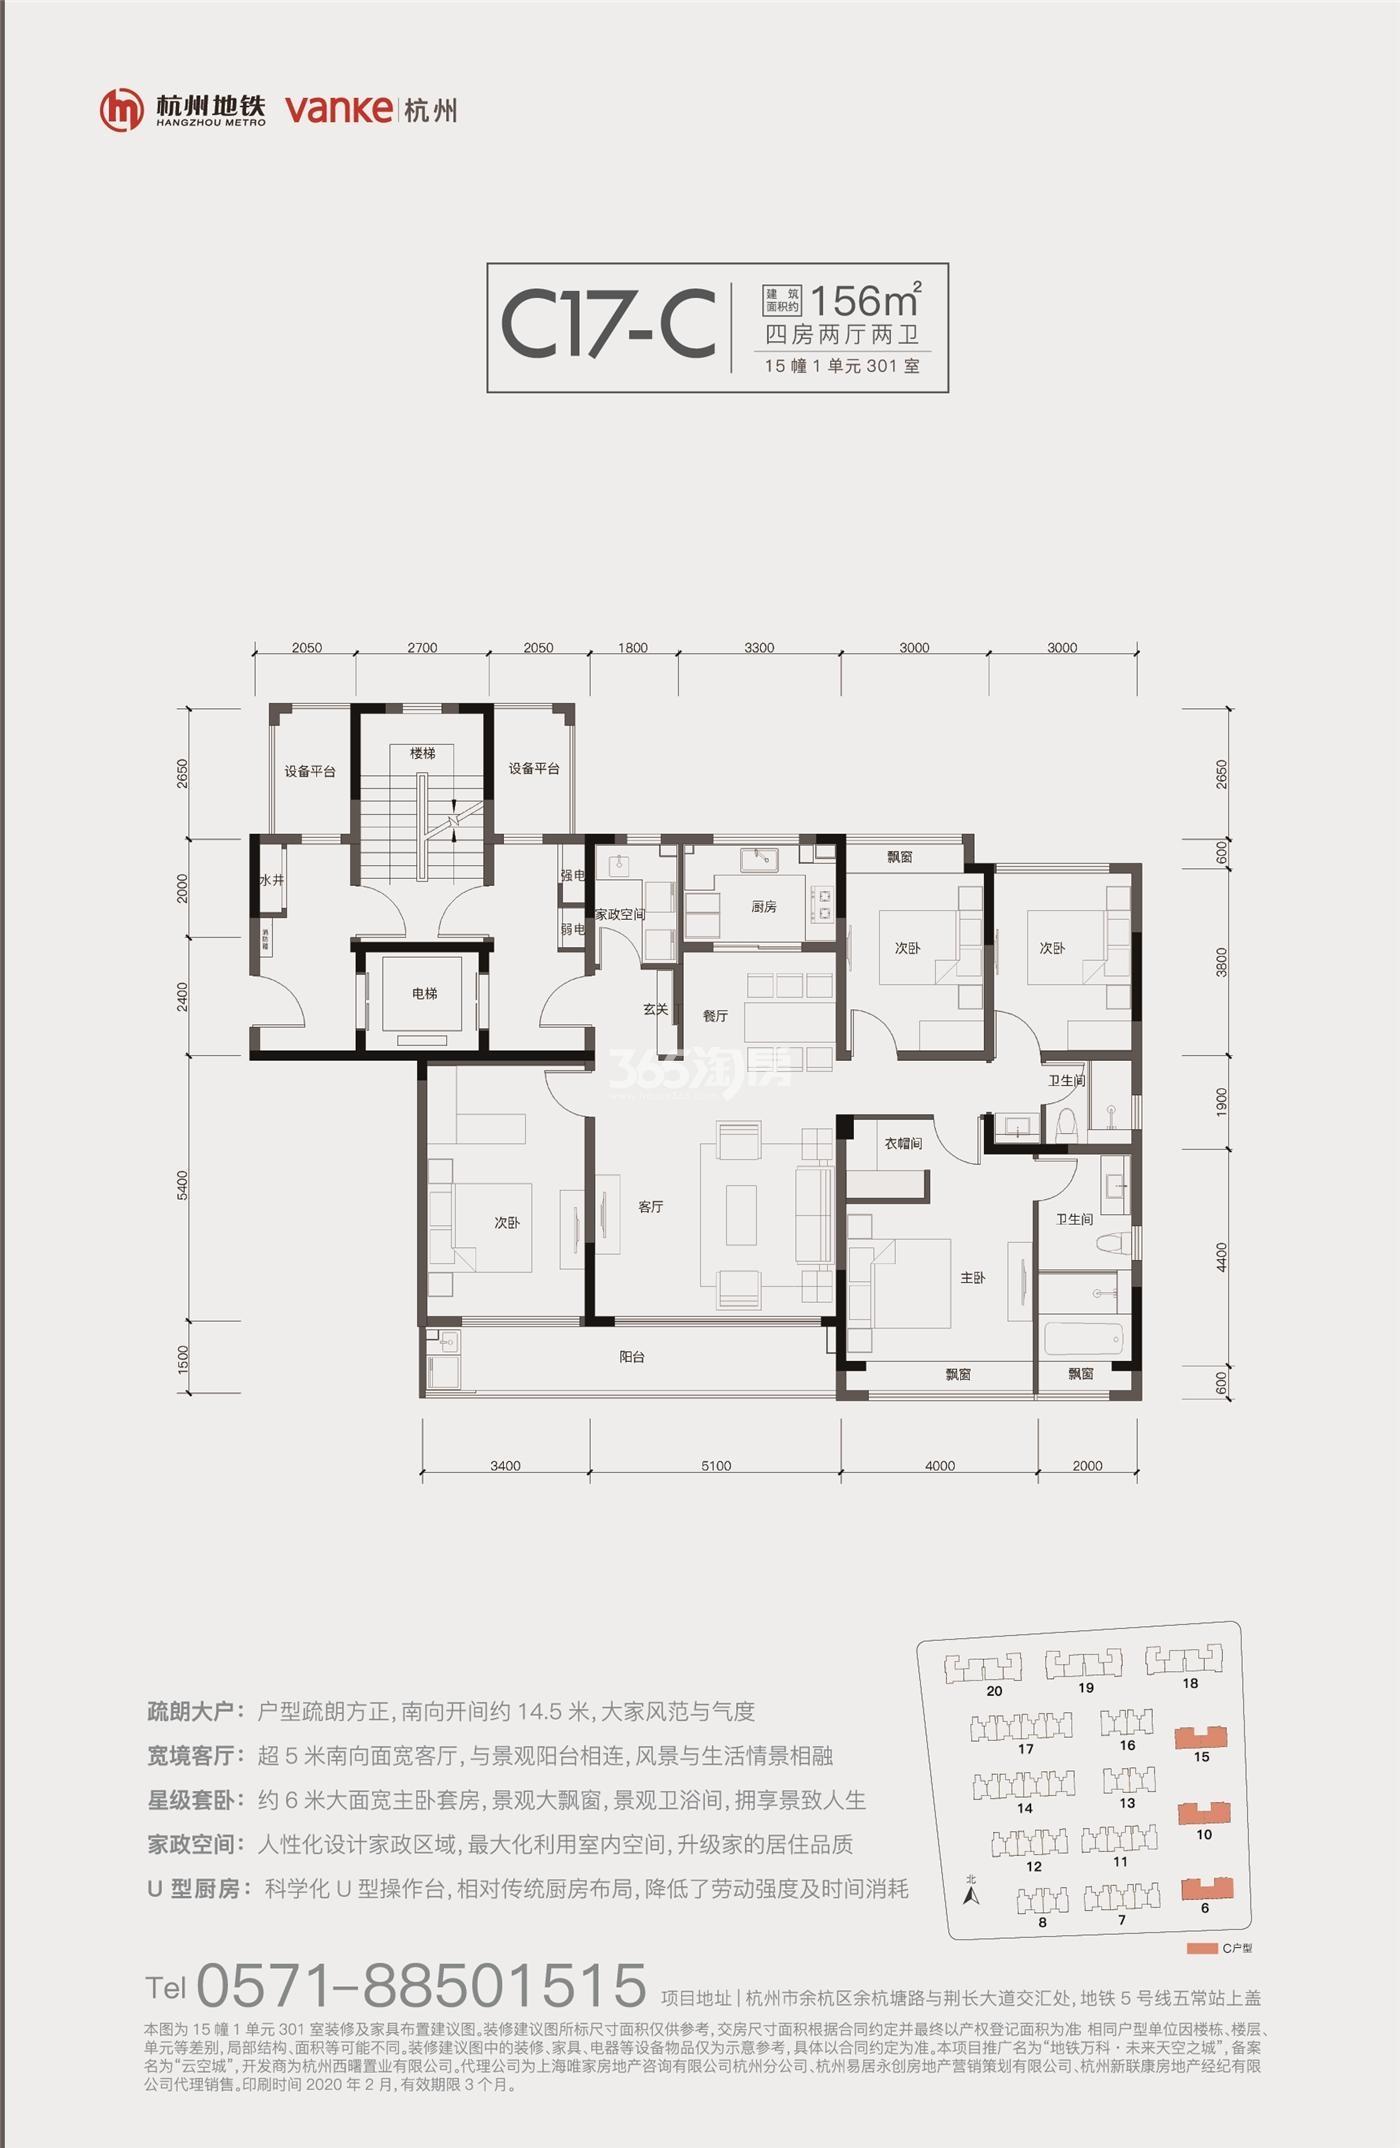 地铁万科未来天空之城一期盖下住宅小高层6、10、15、16号楼C17-C户型 约156㎡